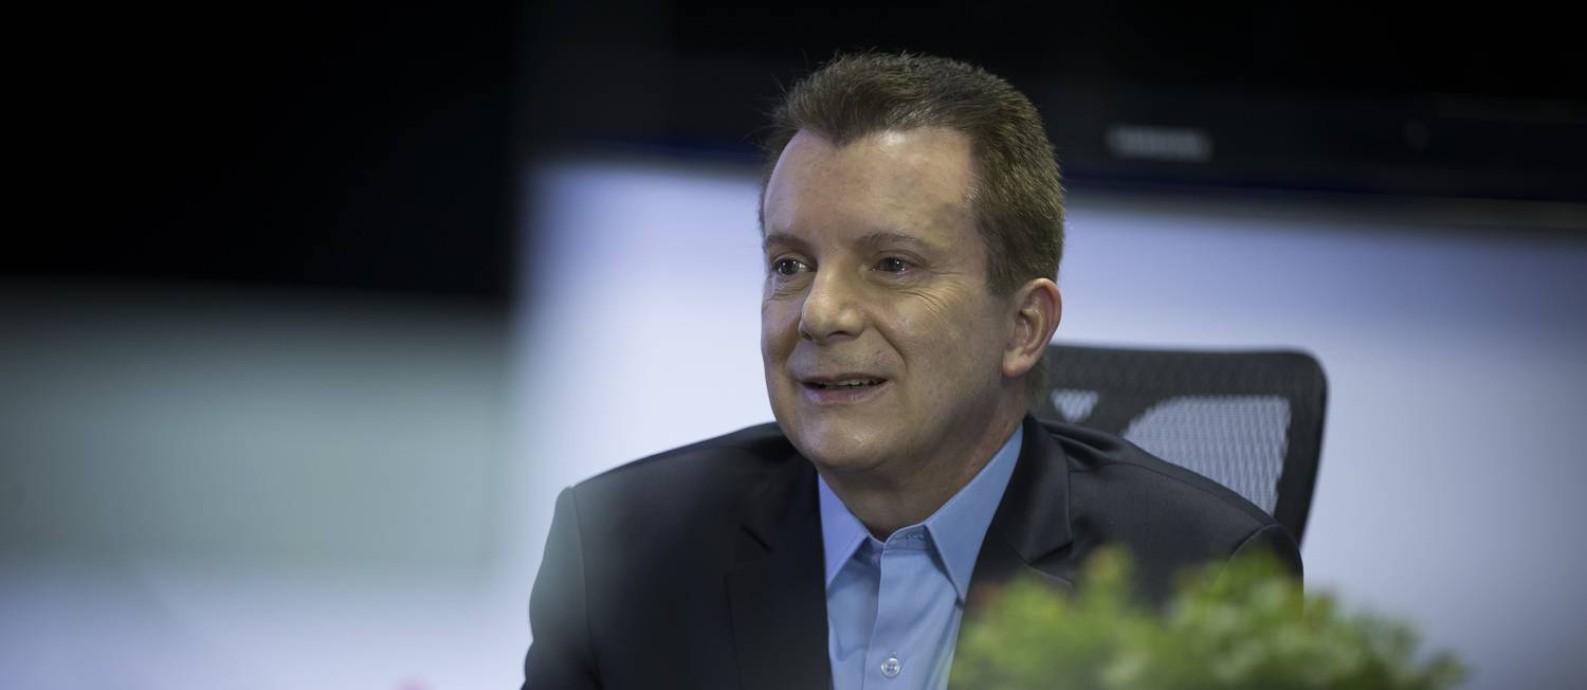 Candidato do Republicanos à Prefeitura de São Paulo, Celso Russomanno 12/10/2020 Foto: Edilson Dantas / Agência O Globo